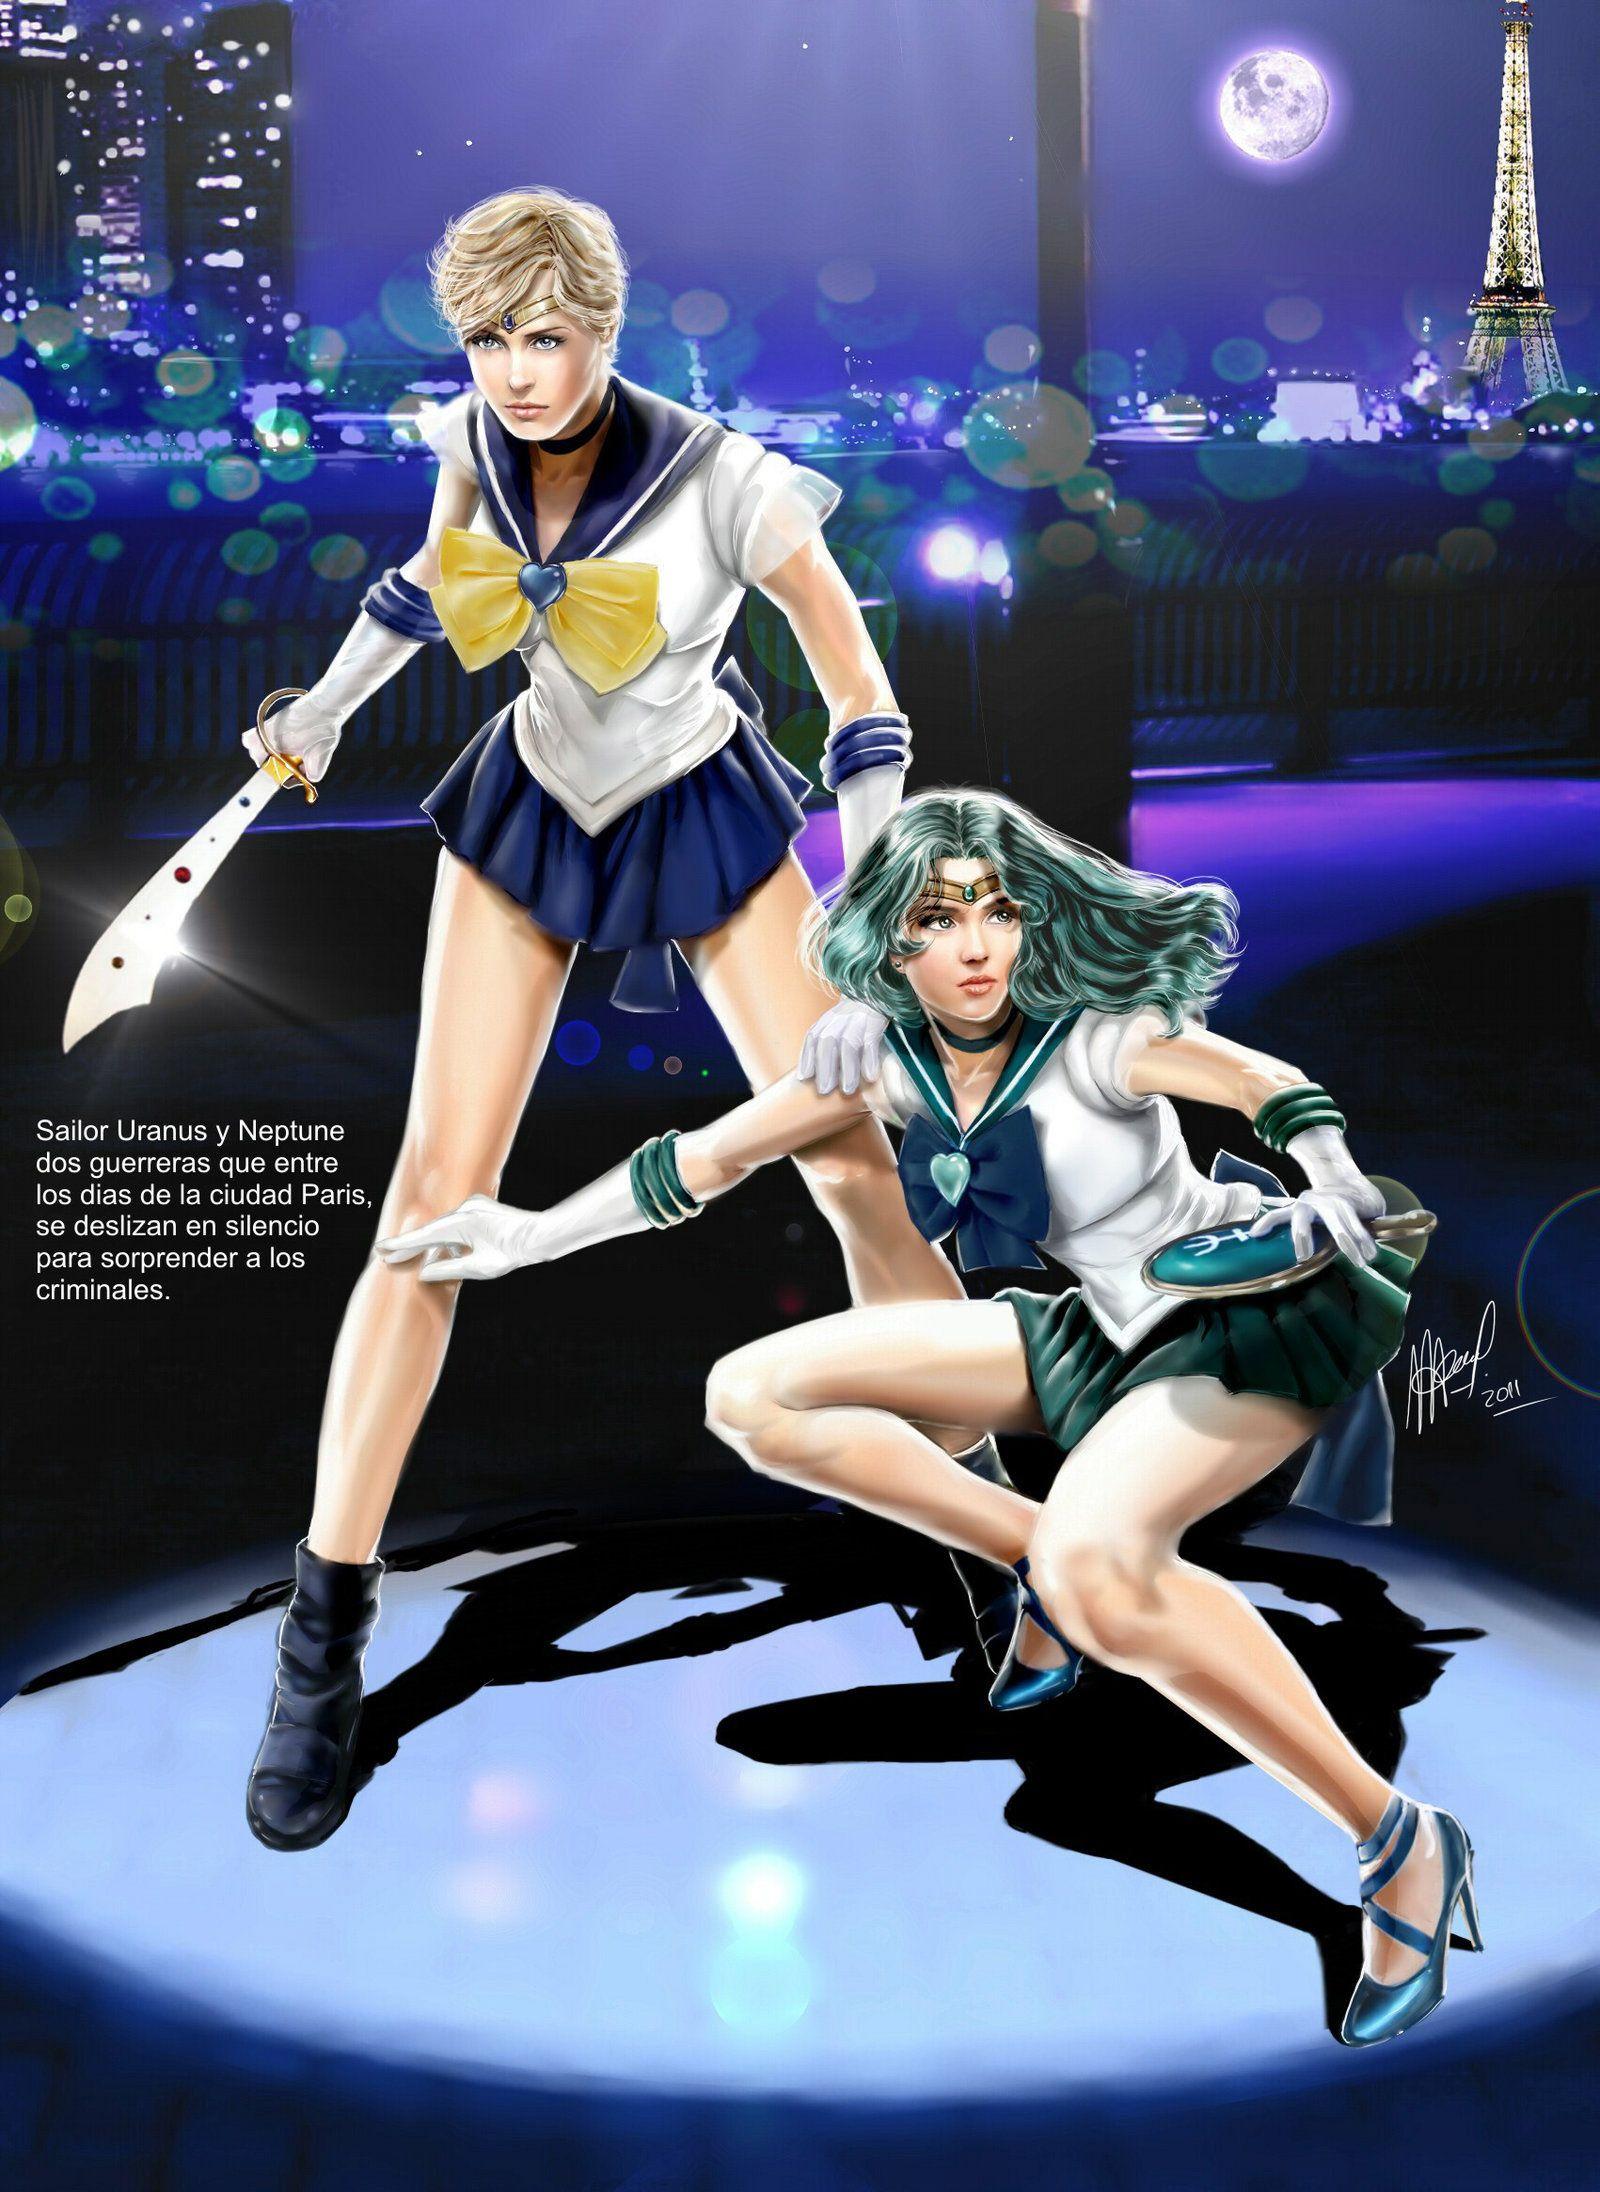 Sailor Uranus and Neptune.